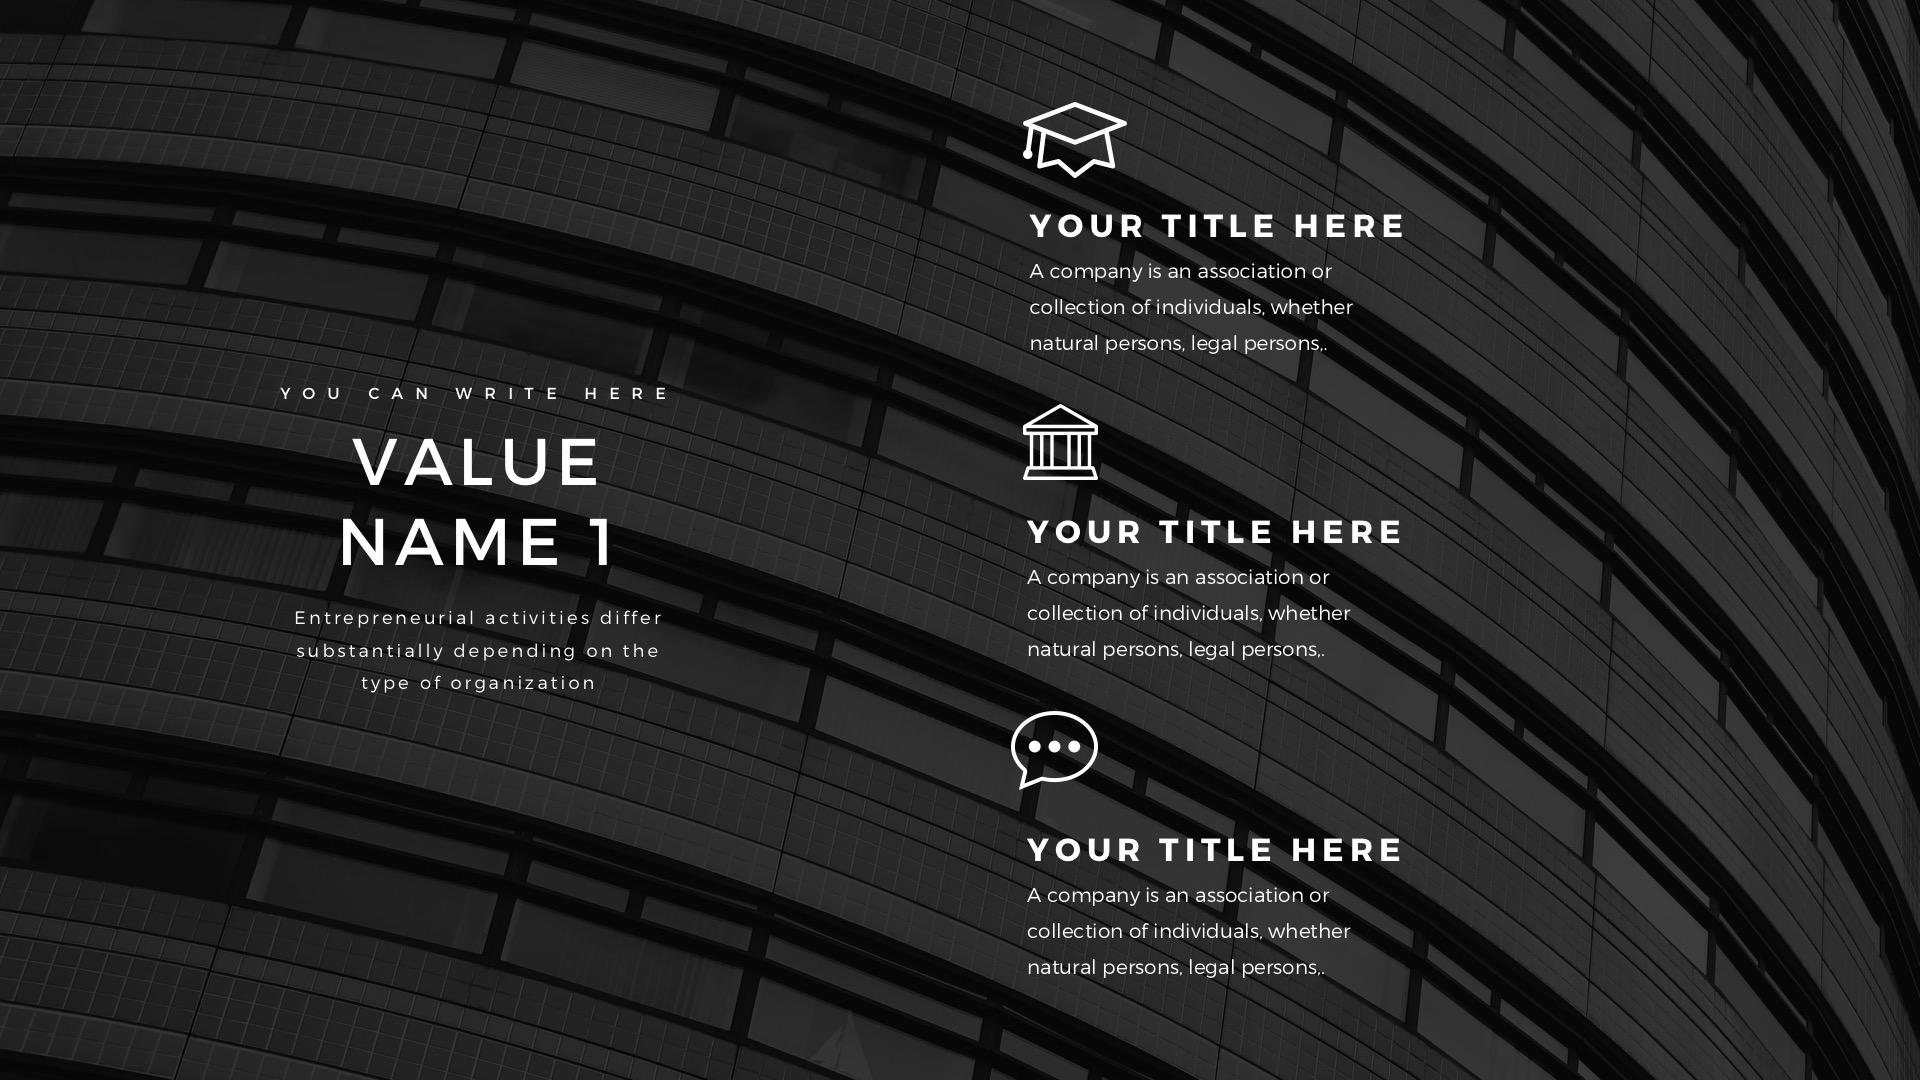 Verzus minimal powerpoint template by louistwelve design graphicriver verzus minimal powerpoint template toneelgroepblik Images